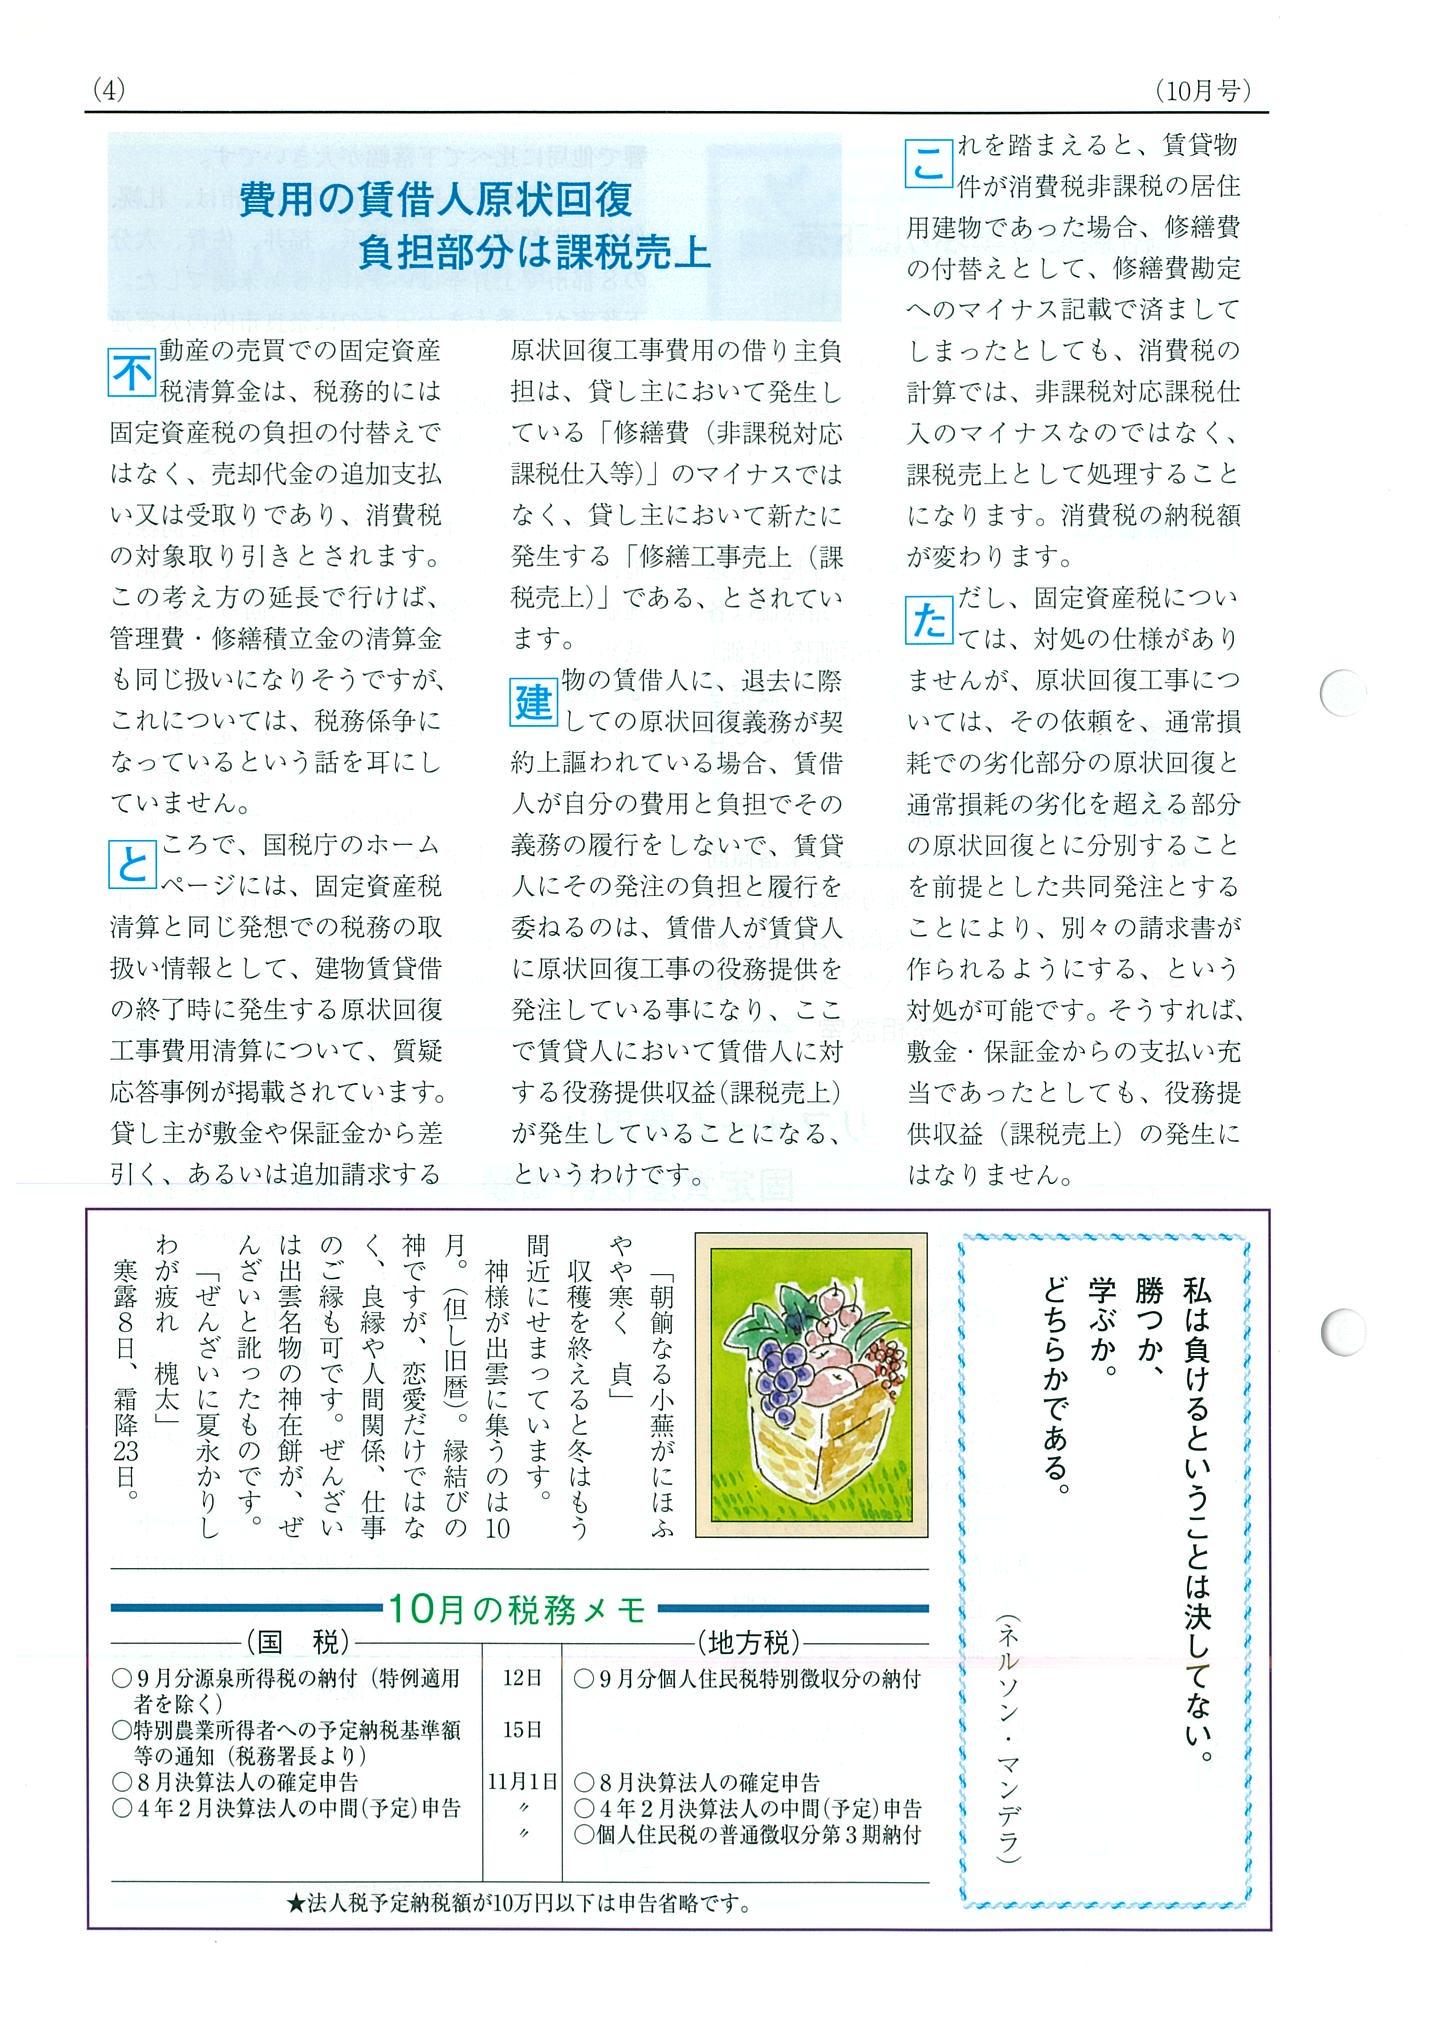 税理士事務所通信10月号ページ4